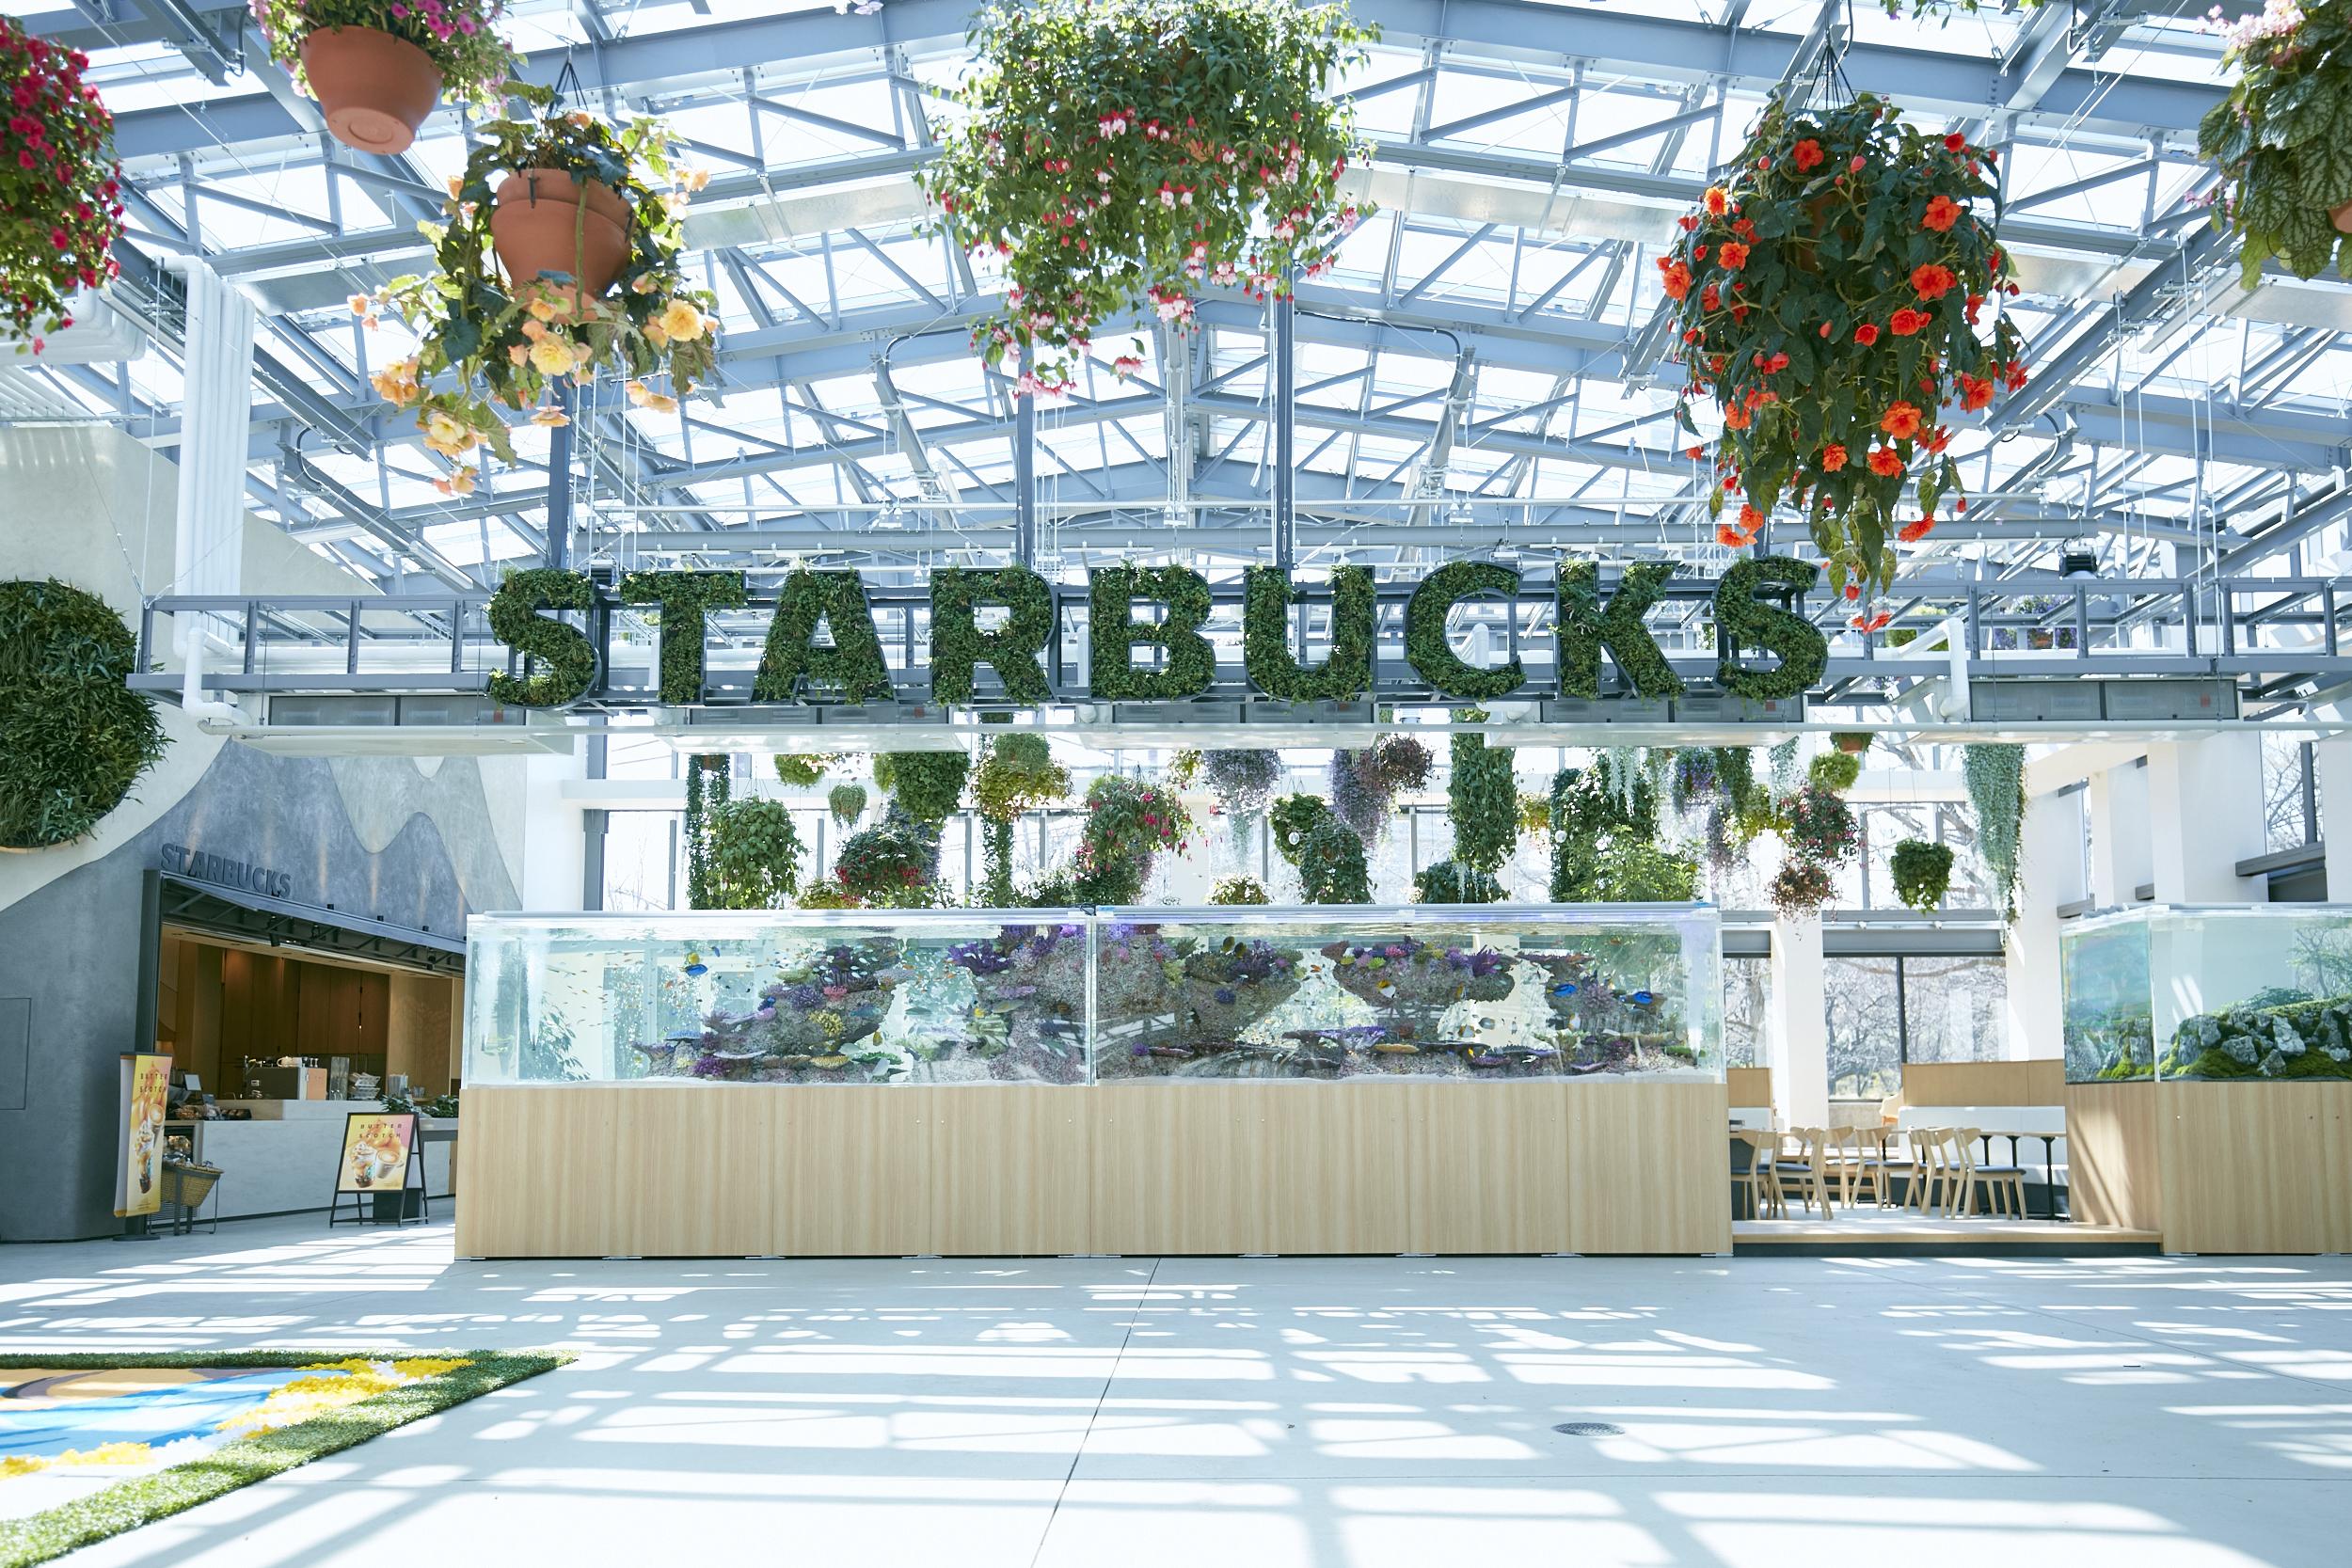 スターバックス コーヒー よみうりランド ハナビヨリ店